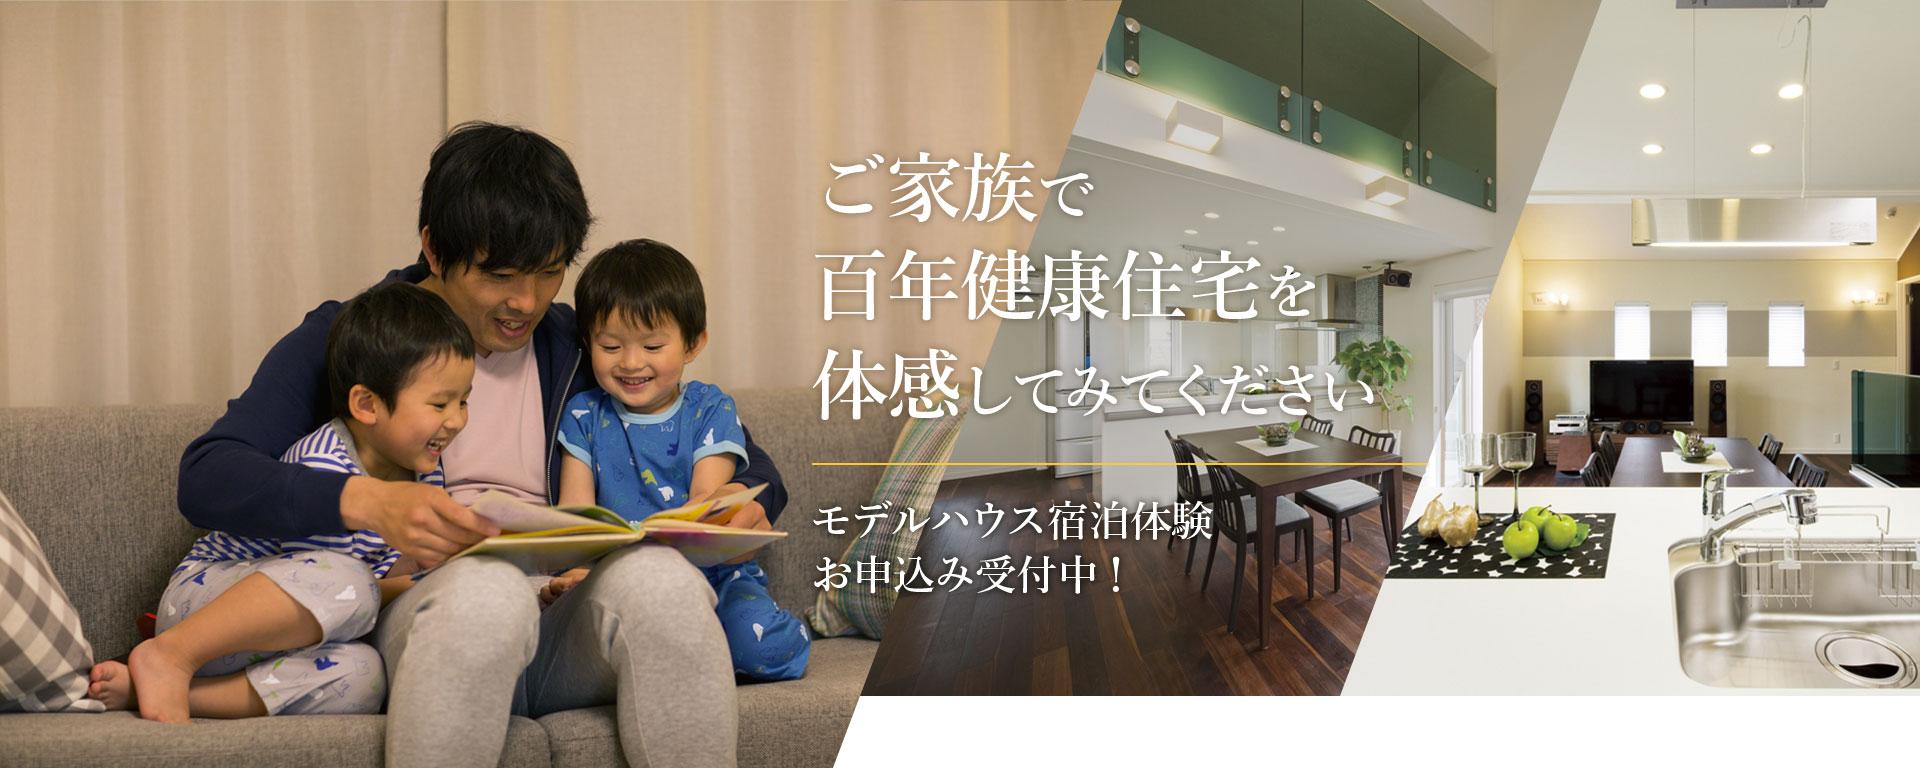 横浜市の注文住宅の注文住宅モデルハウス